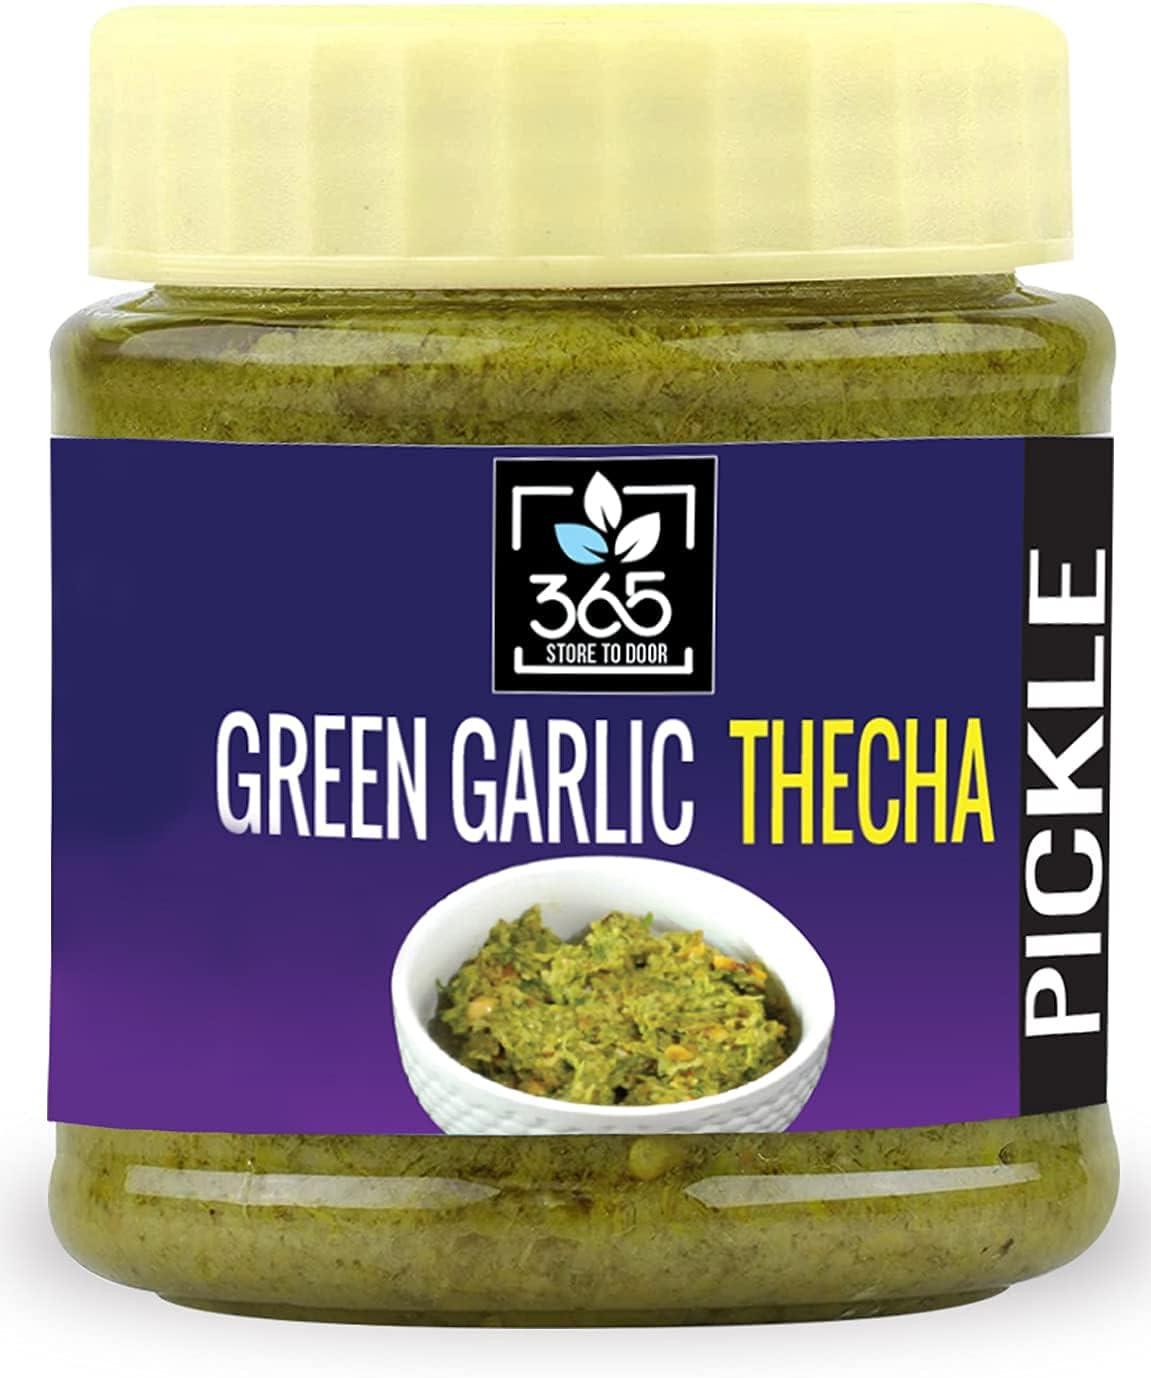 Bluenile 365 Store to Sale SALE% OFF Door Green g Garlic 5 ☆ very popular Achaar Thecha 250